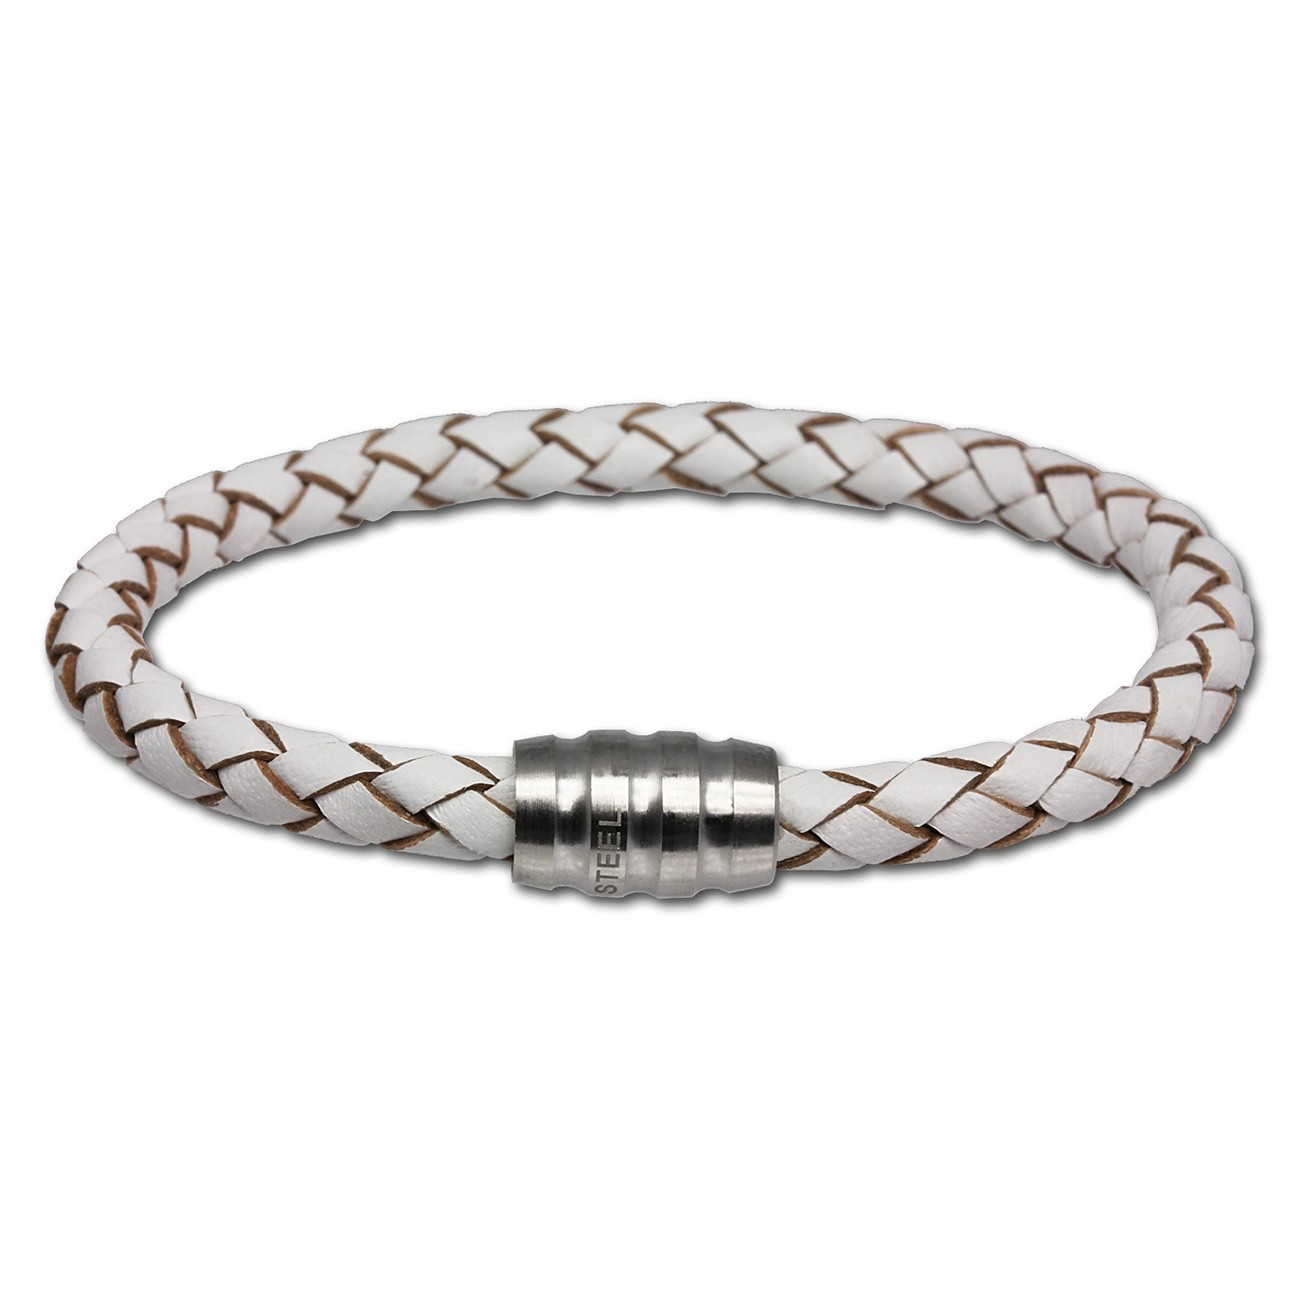 SilberDream Leder Armband weiß 18cm mit Edelstahl Verschluss LS1520